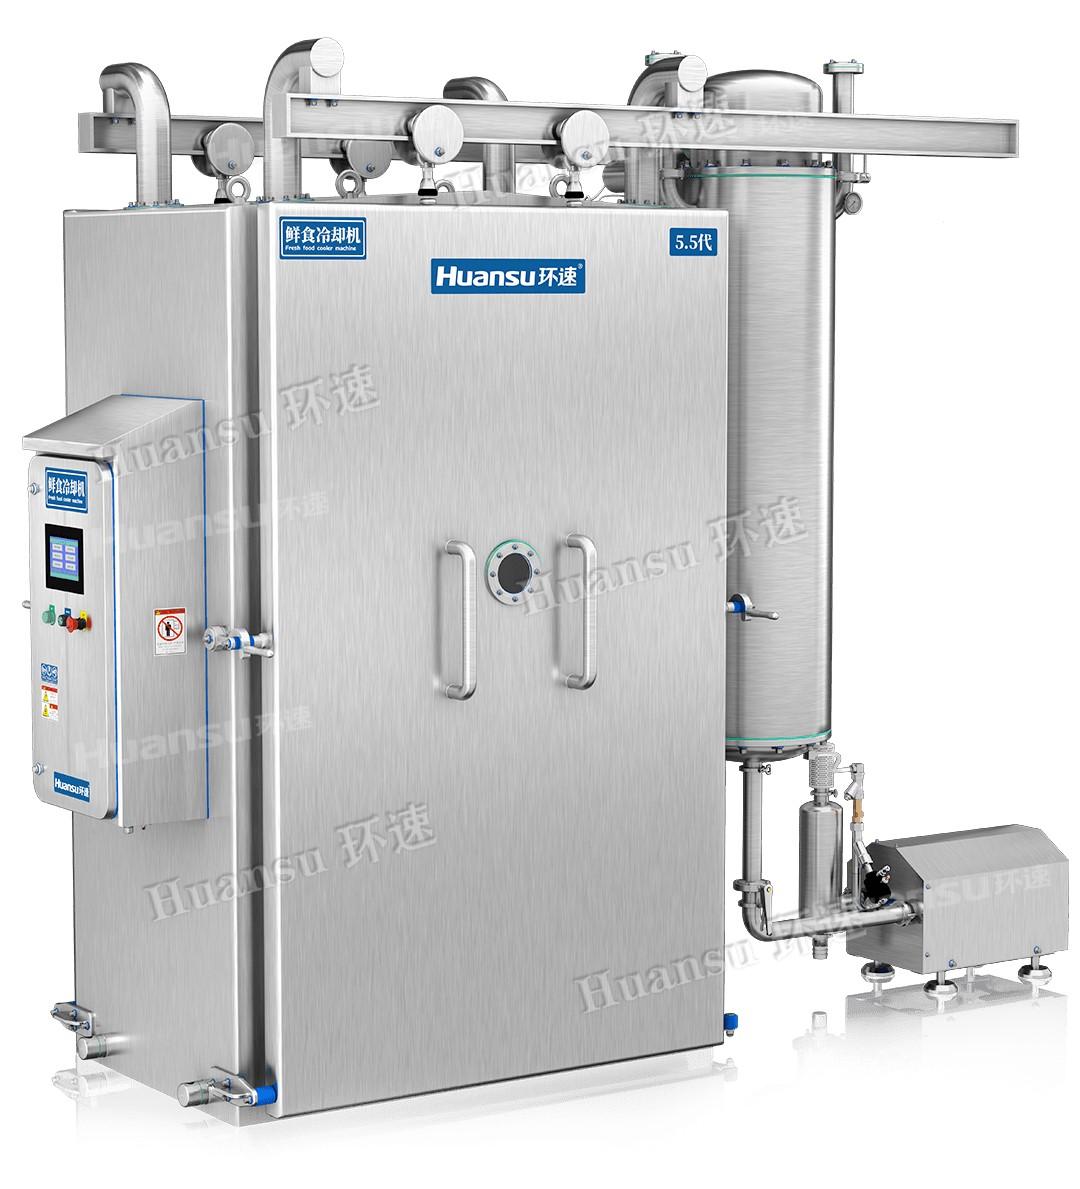 烘焙食品真空冷却机,快速降温冷却,时间短效率高